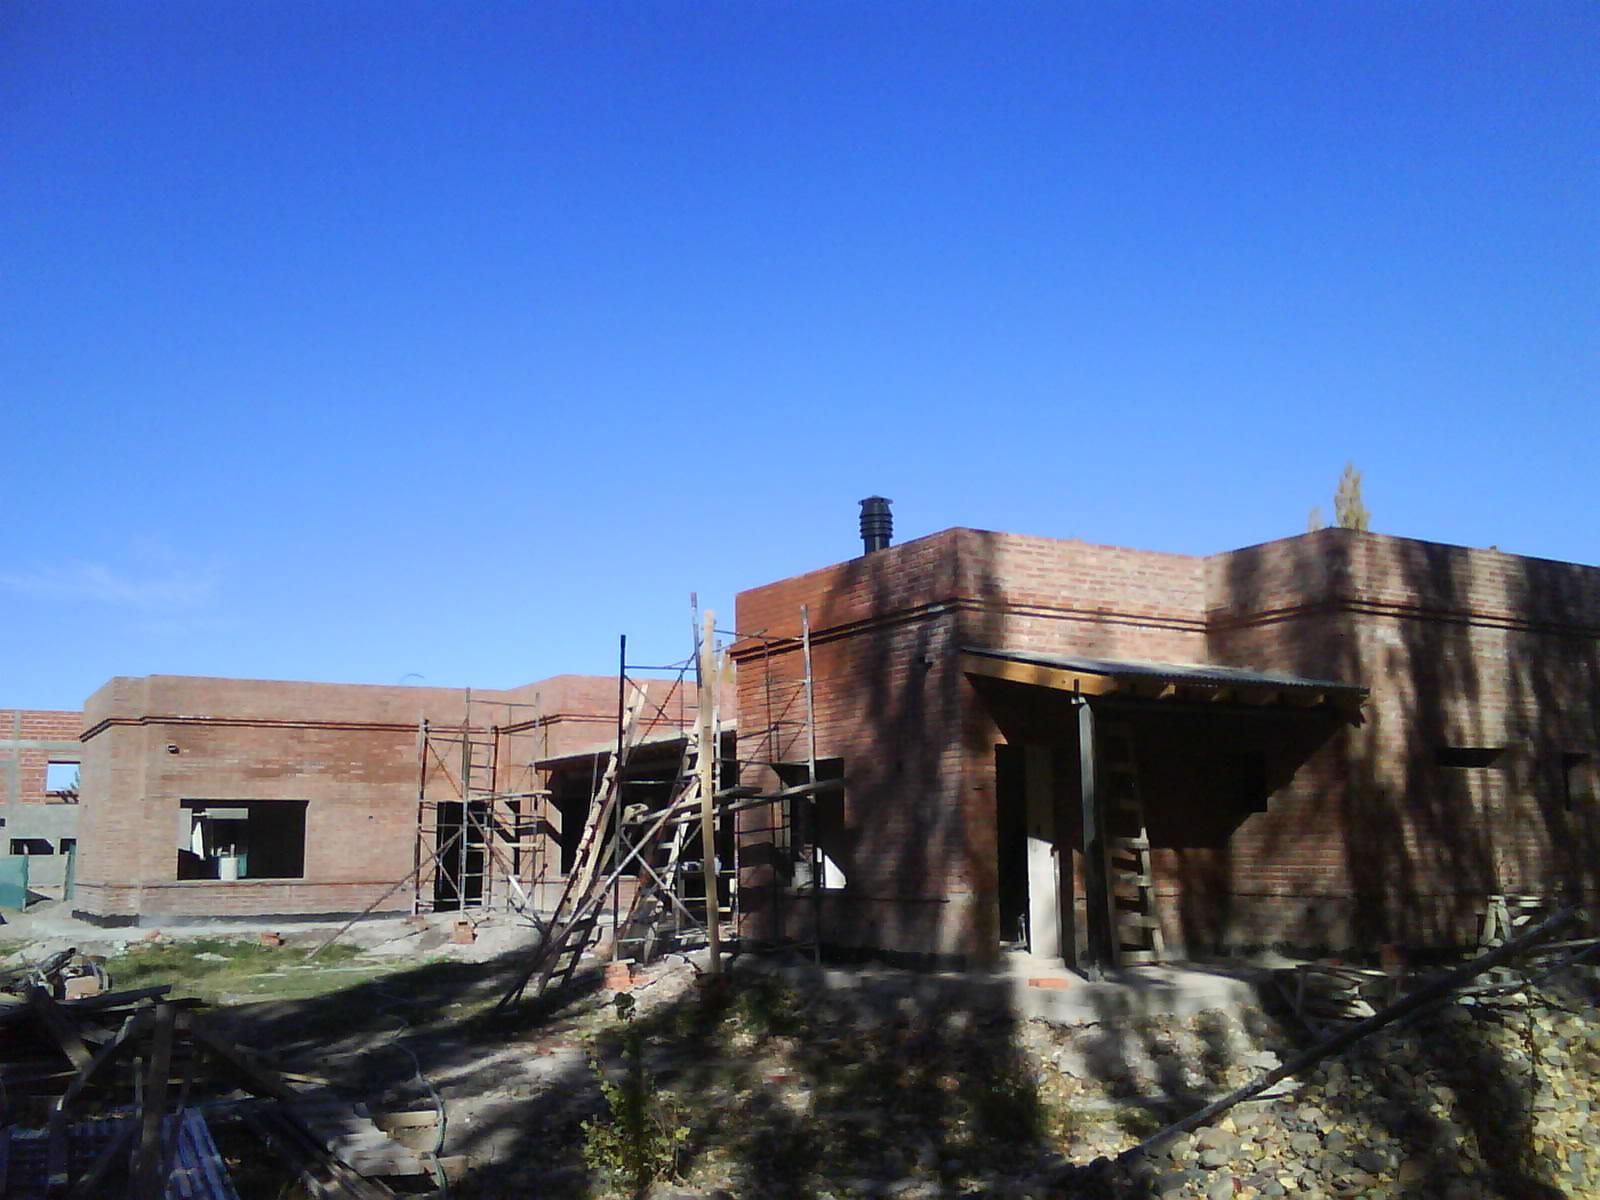 Moya arquitectura construccion casa de campo for Casa de campo arquitectura